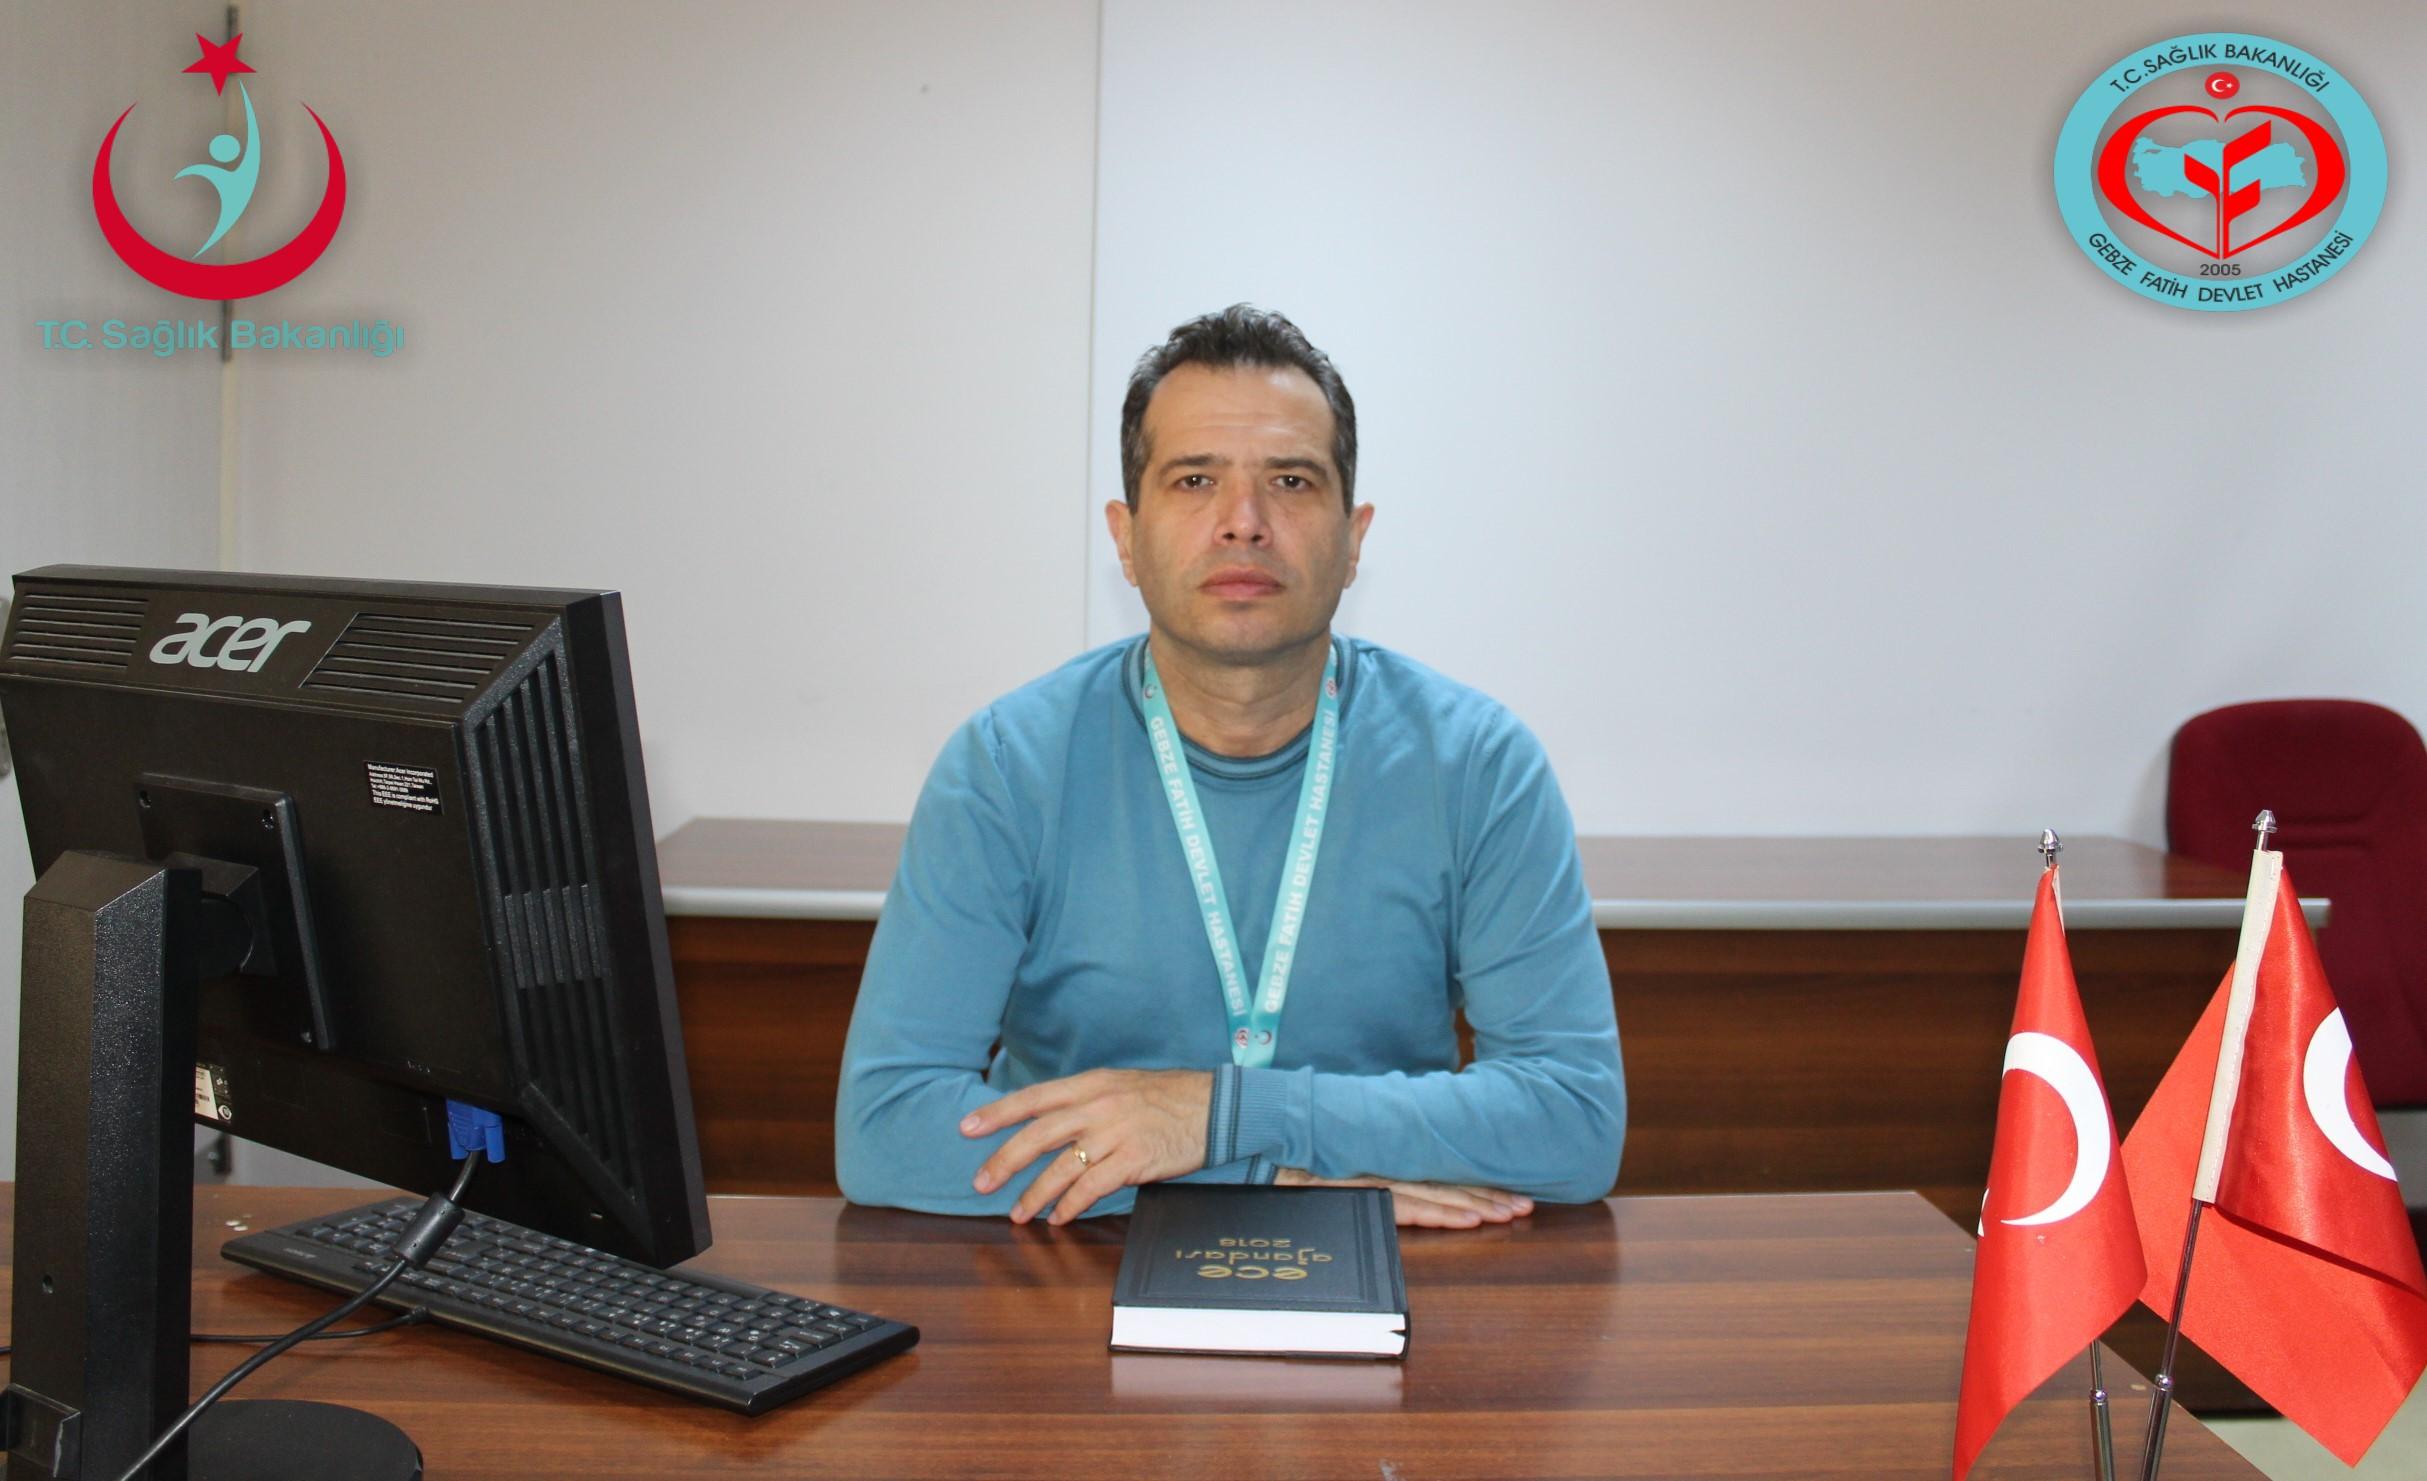 Gebze Fatih Devlet'e iki yeni doktor